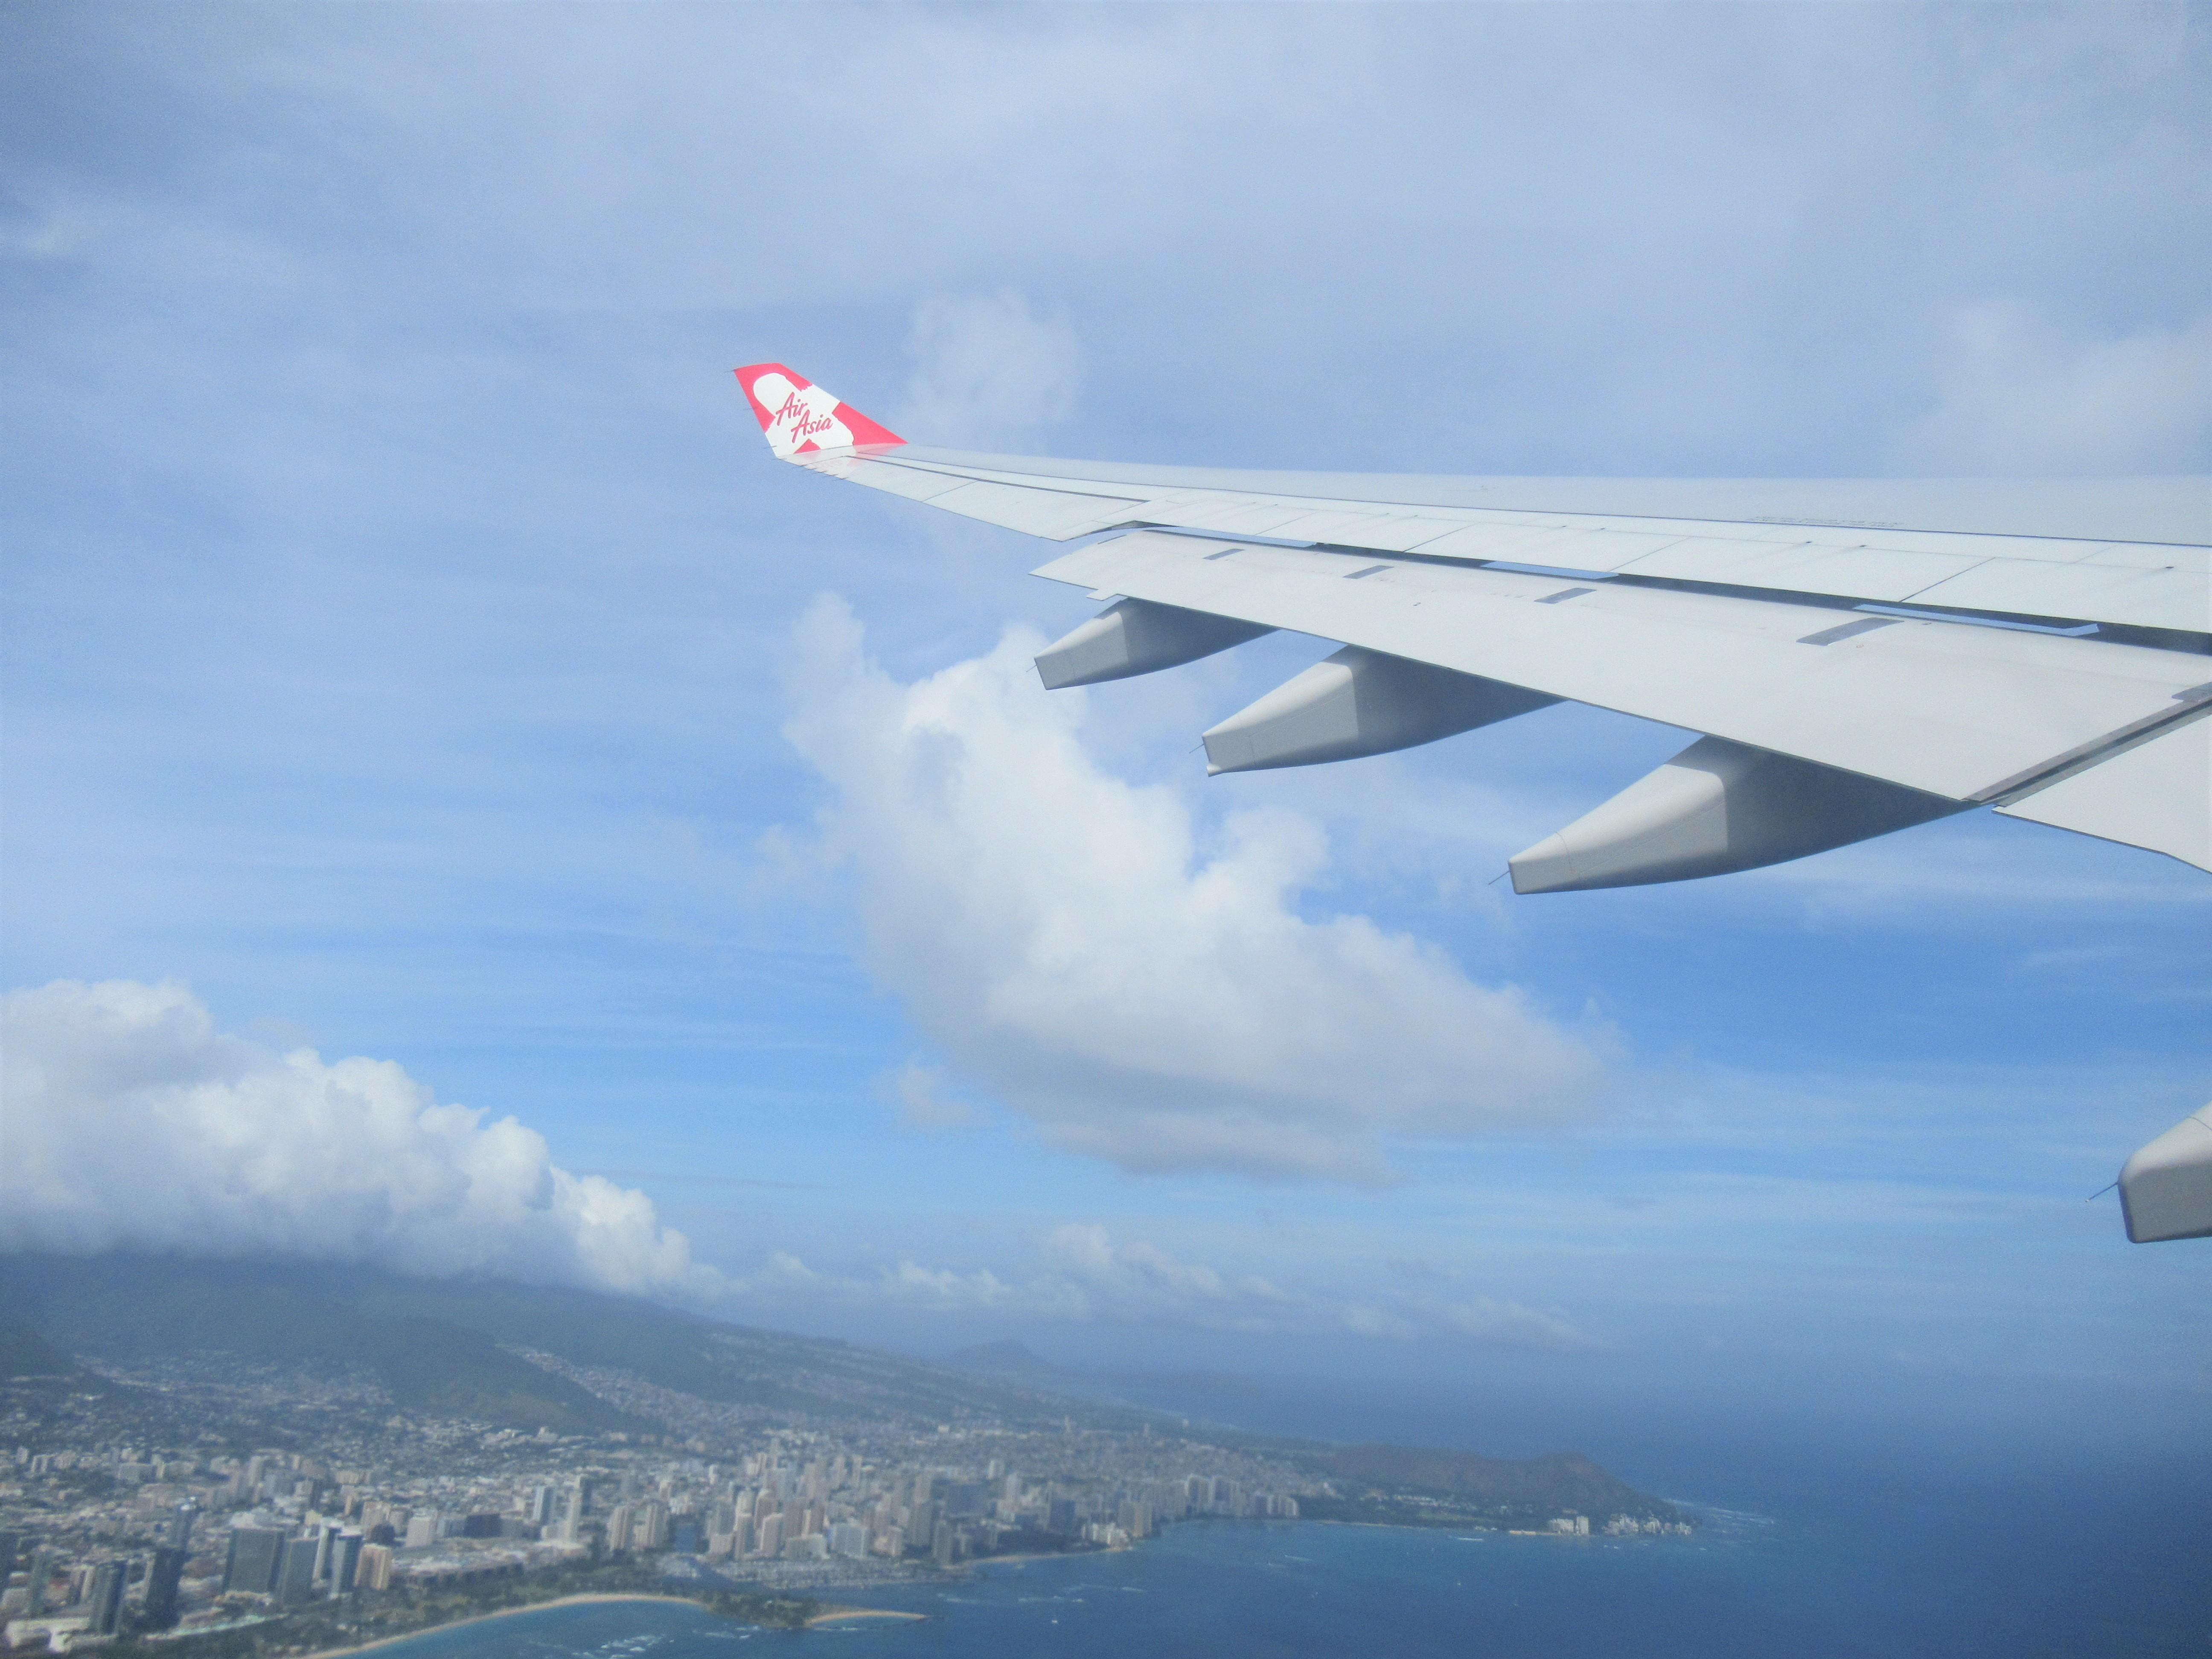 エアアジアで子連れハワイ帰国便☆ホノルル~関空の機内食なし搭乗記|ハワイ子連れブログ旅